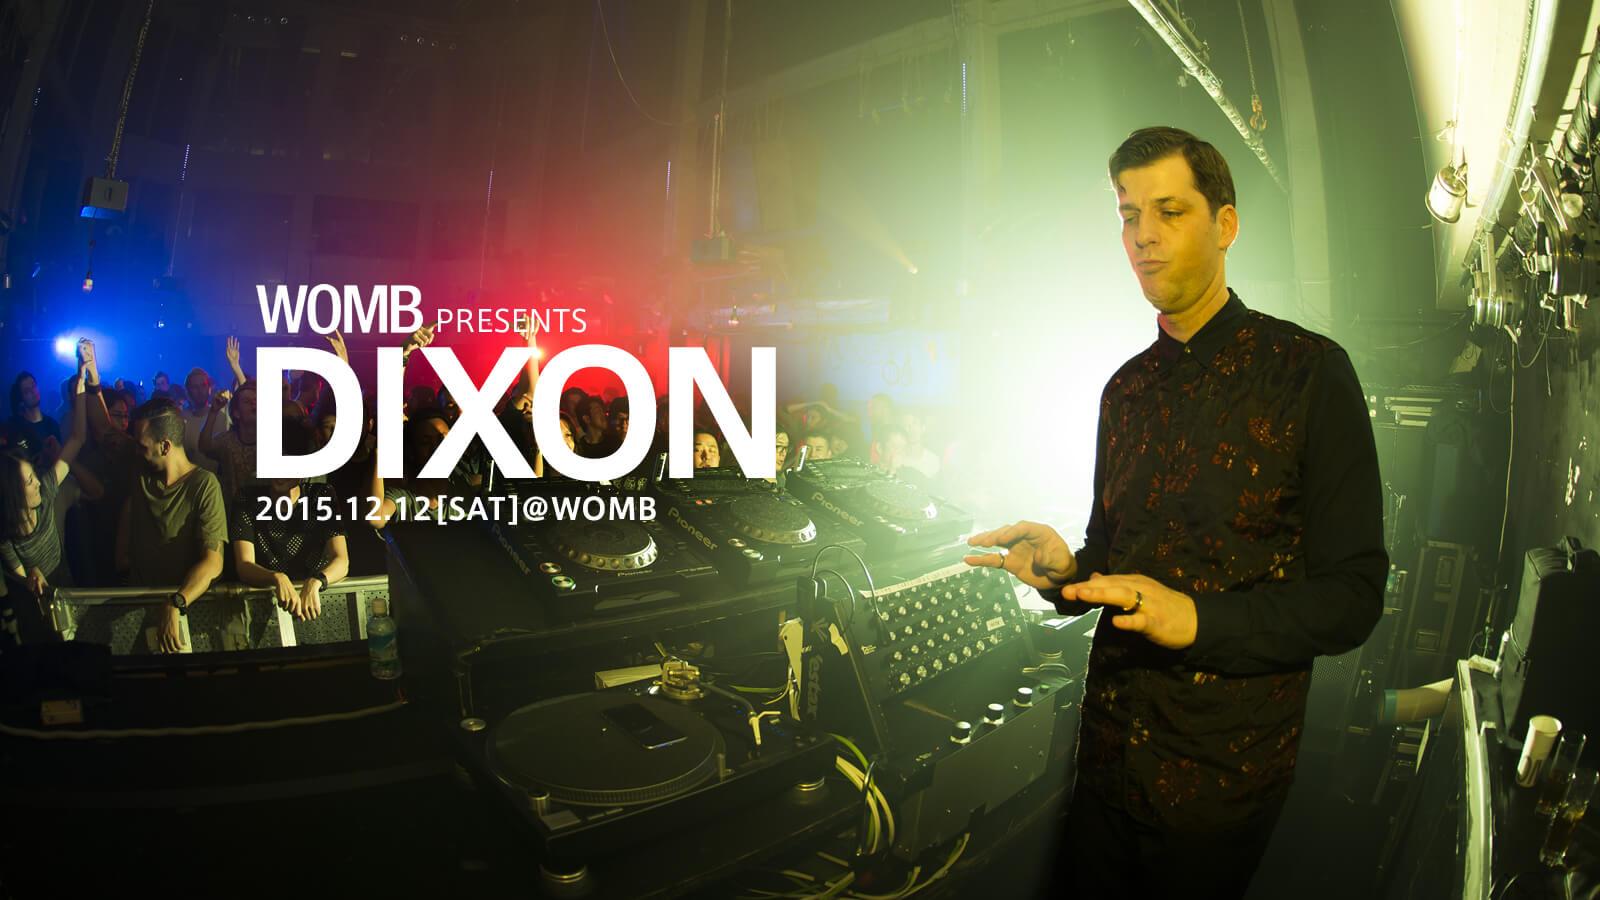 WOMB presents DIXON